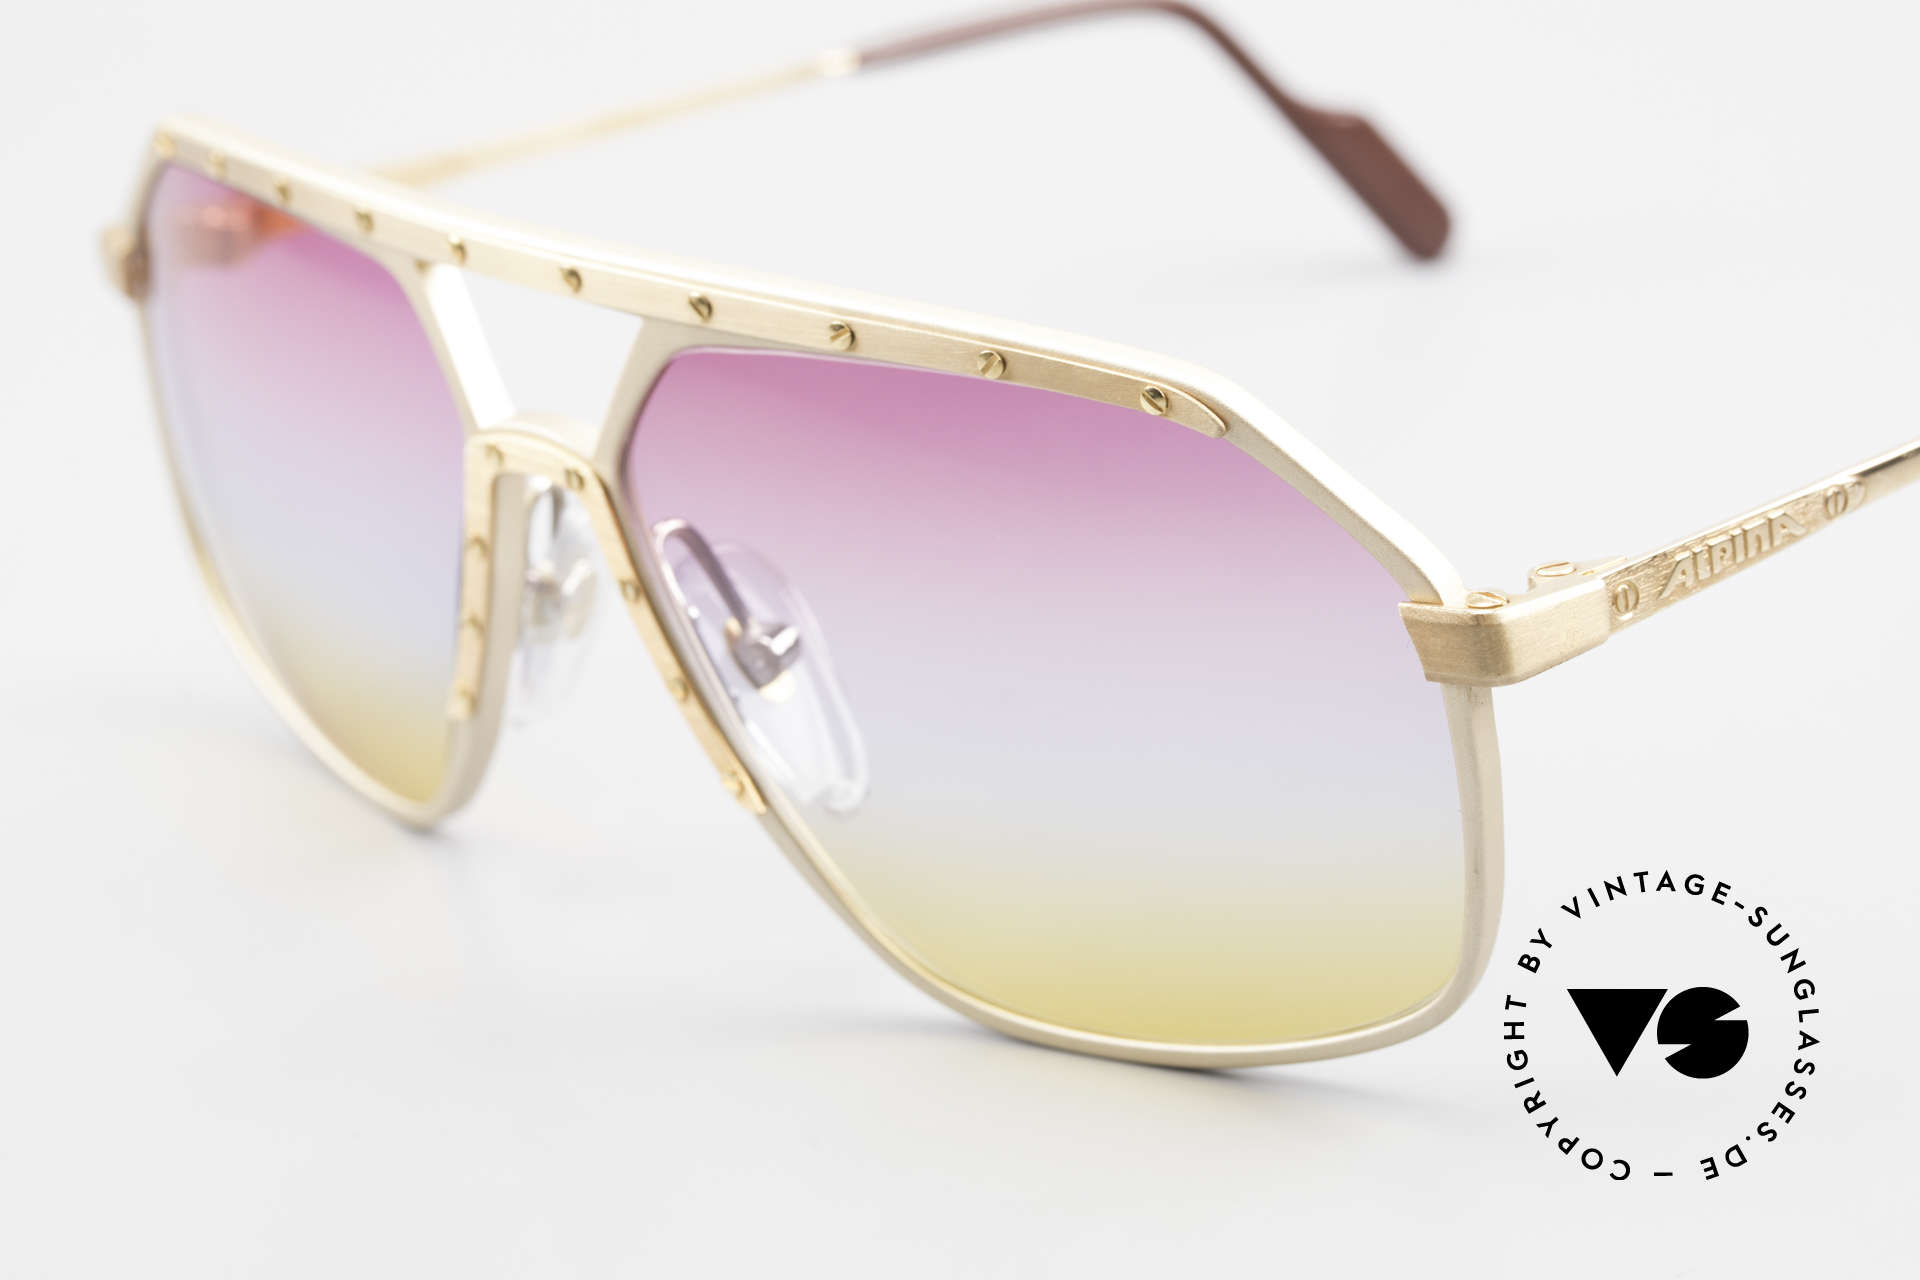 Alpina M6 80er Brillenklassiker Sunset, handgefertigt; entsprechend kostbar und hochwertig, Passend für Herren und Damen